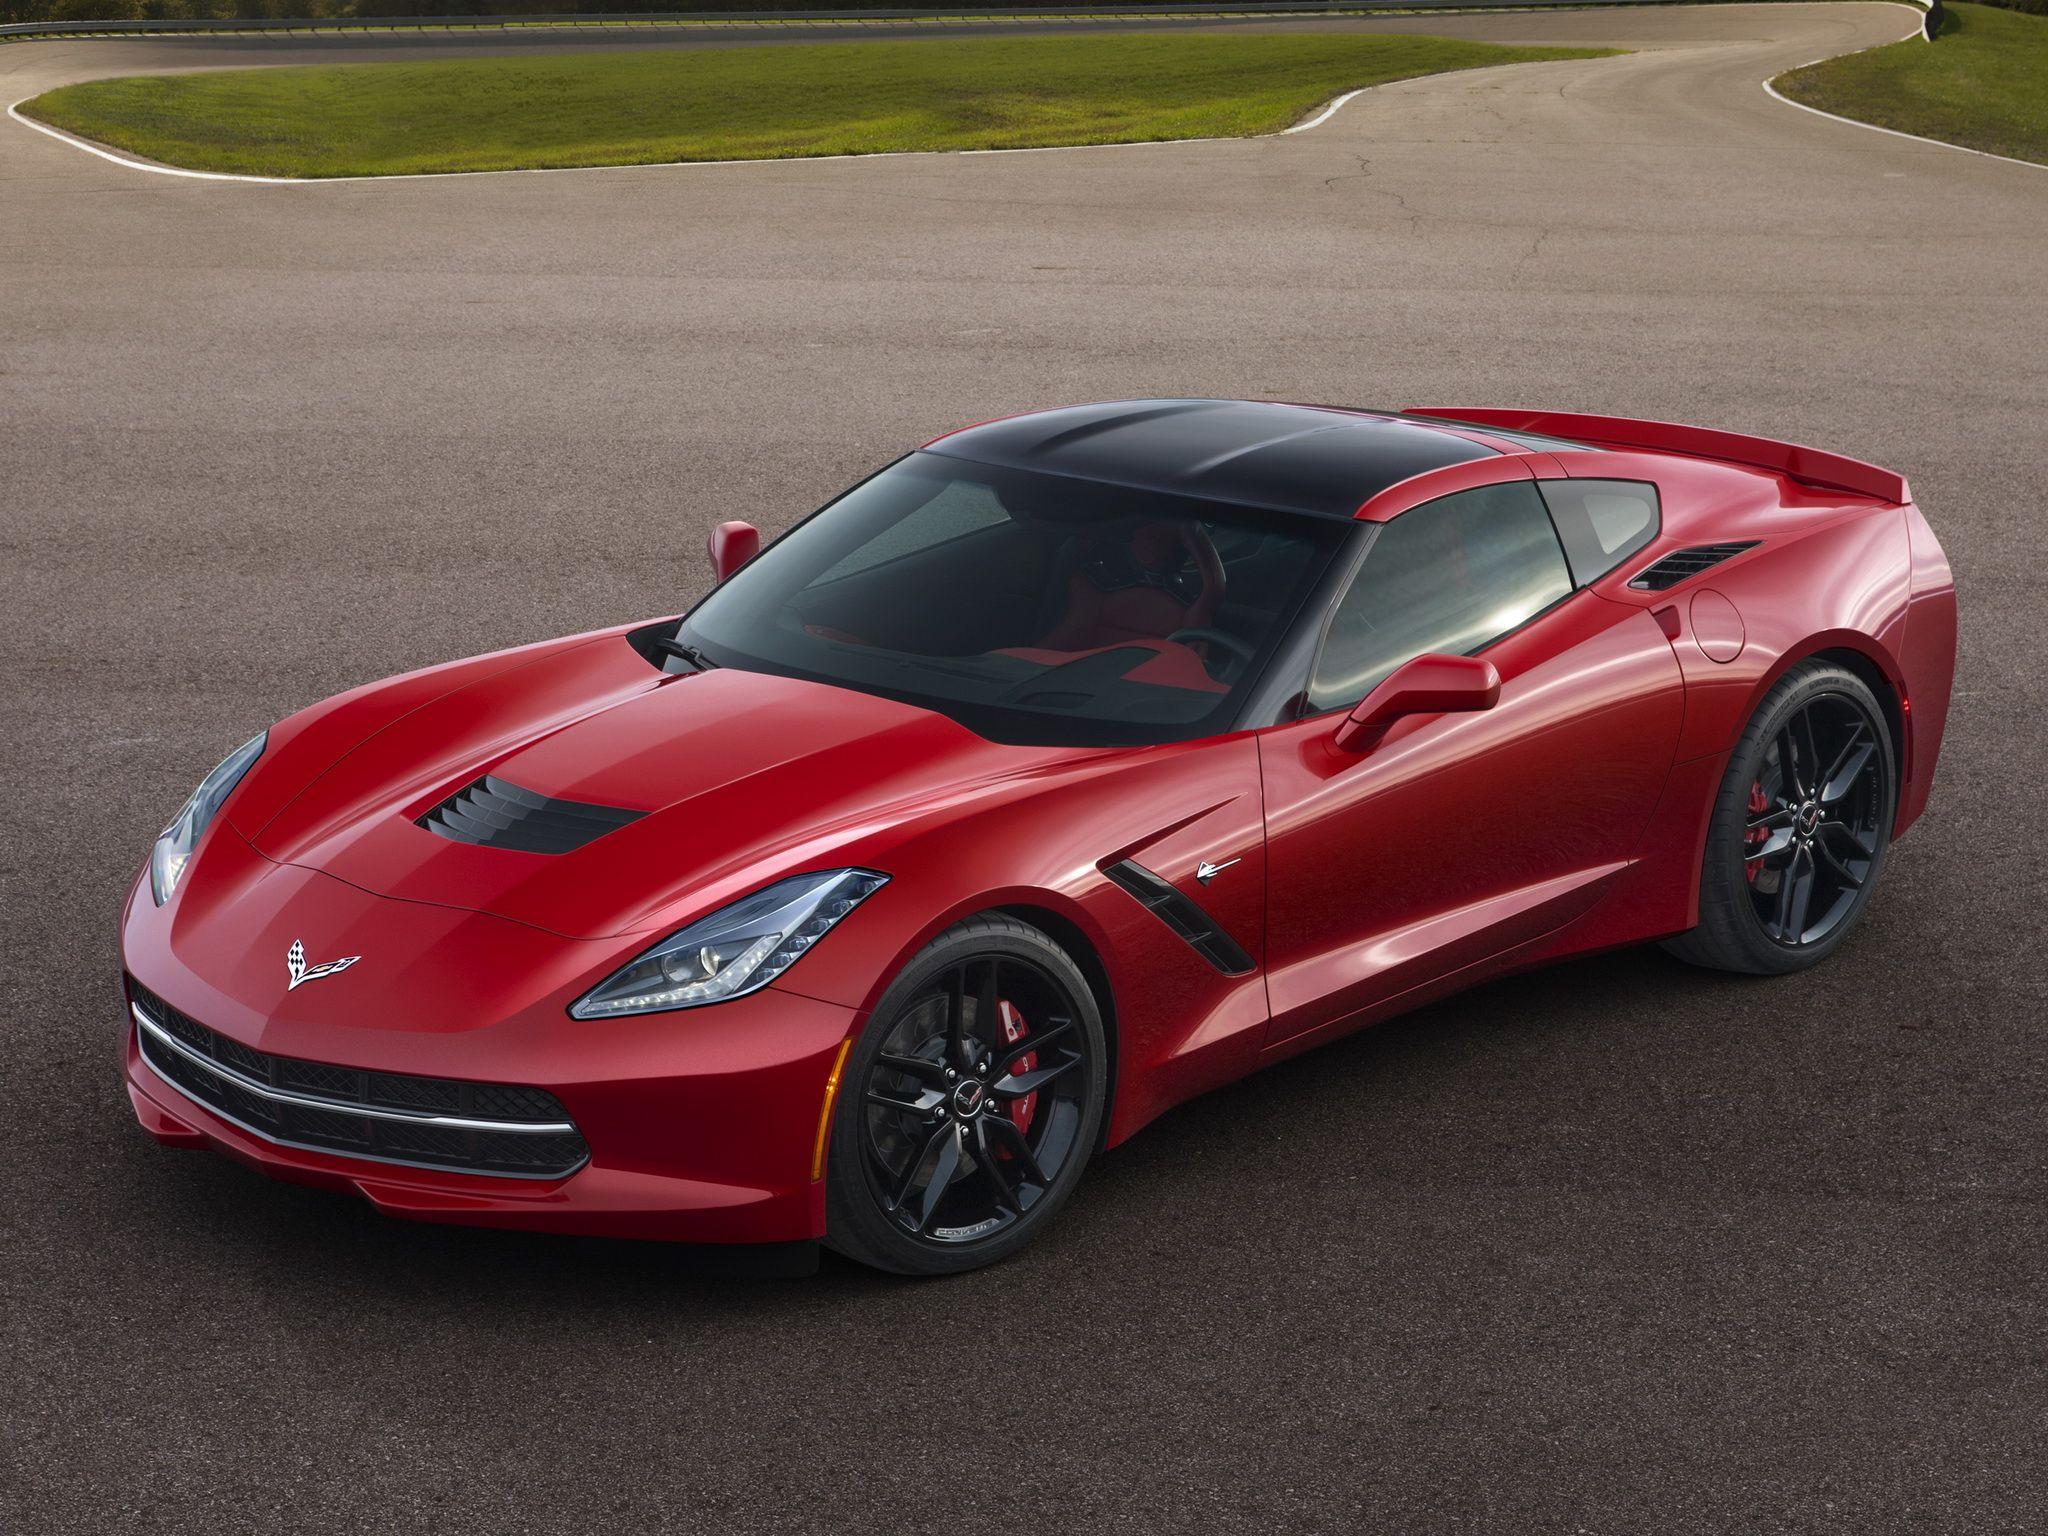 2013 Corvette Stingray (C7) | Vroom, vroom... | Pinterest | 2013 ...